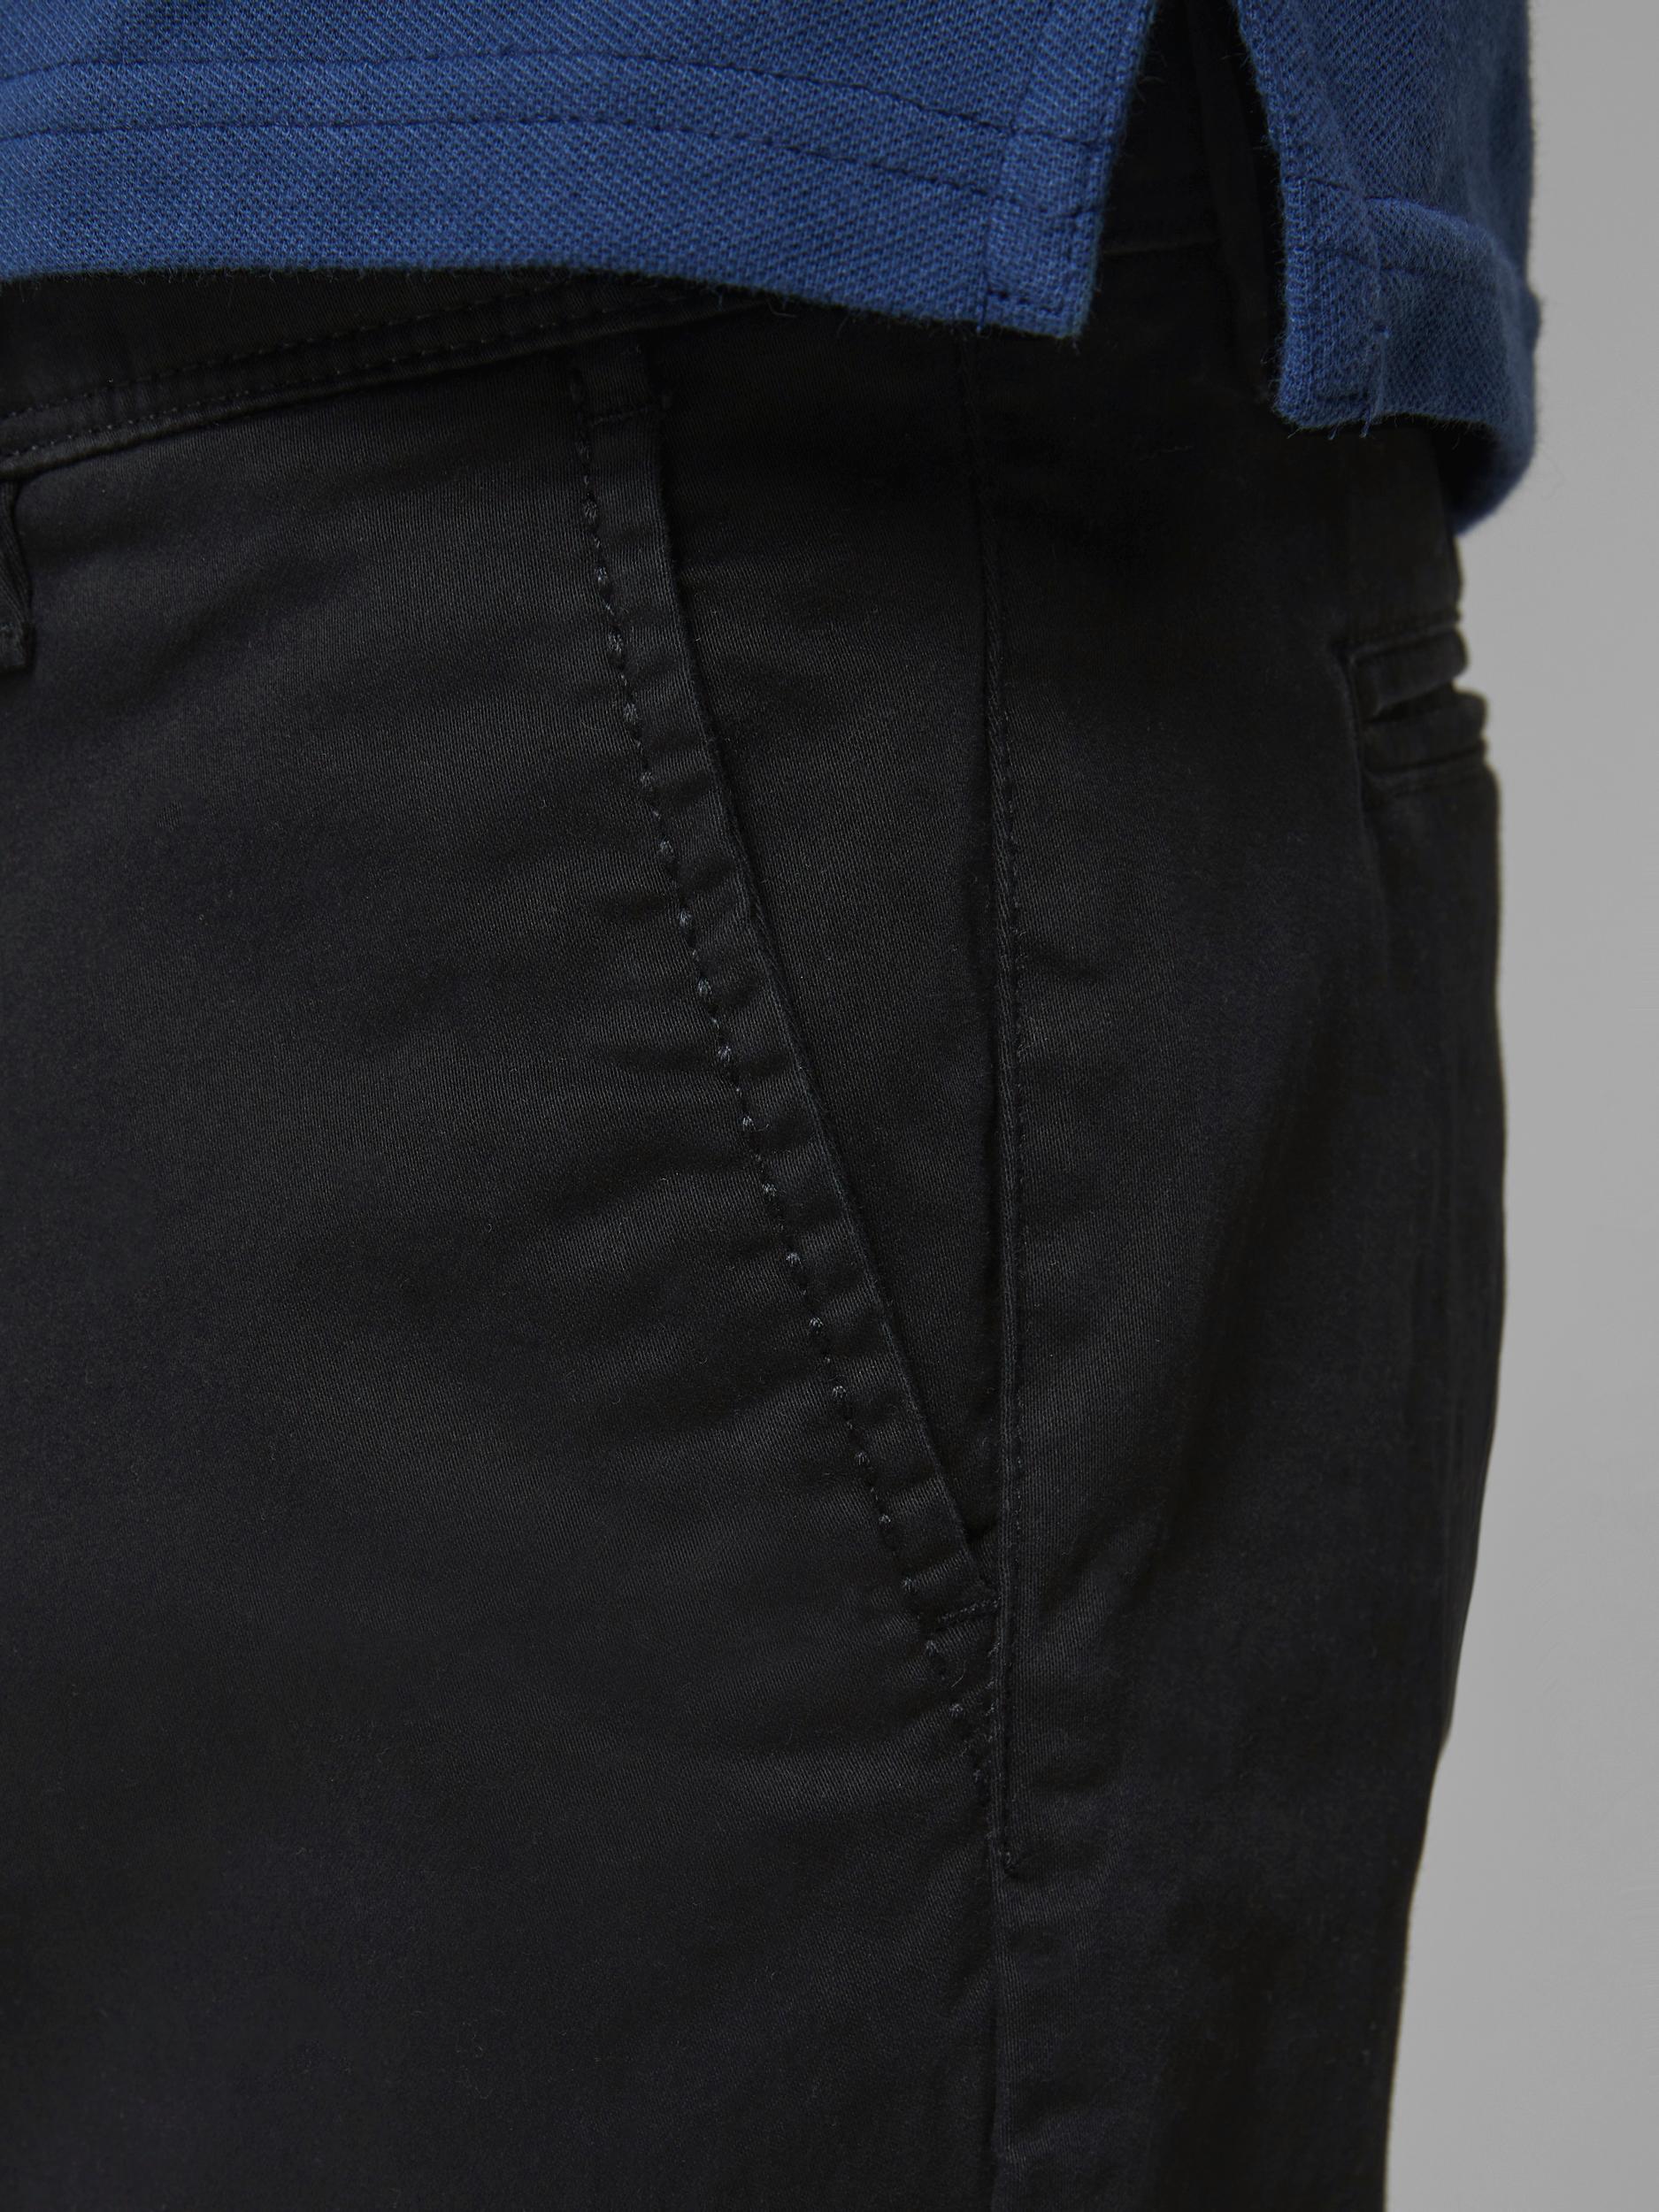 Jack & Jones Marco Bowie bukser, black, 170